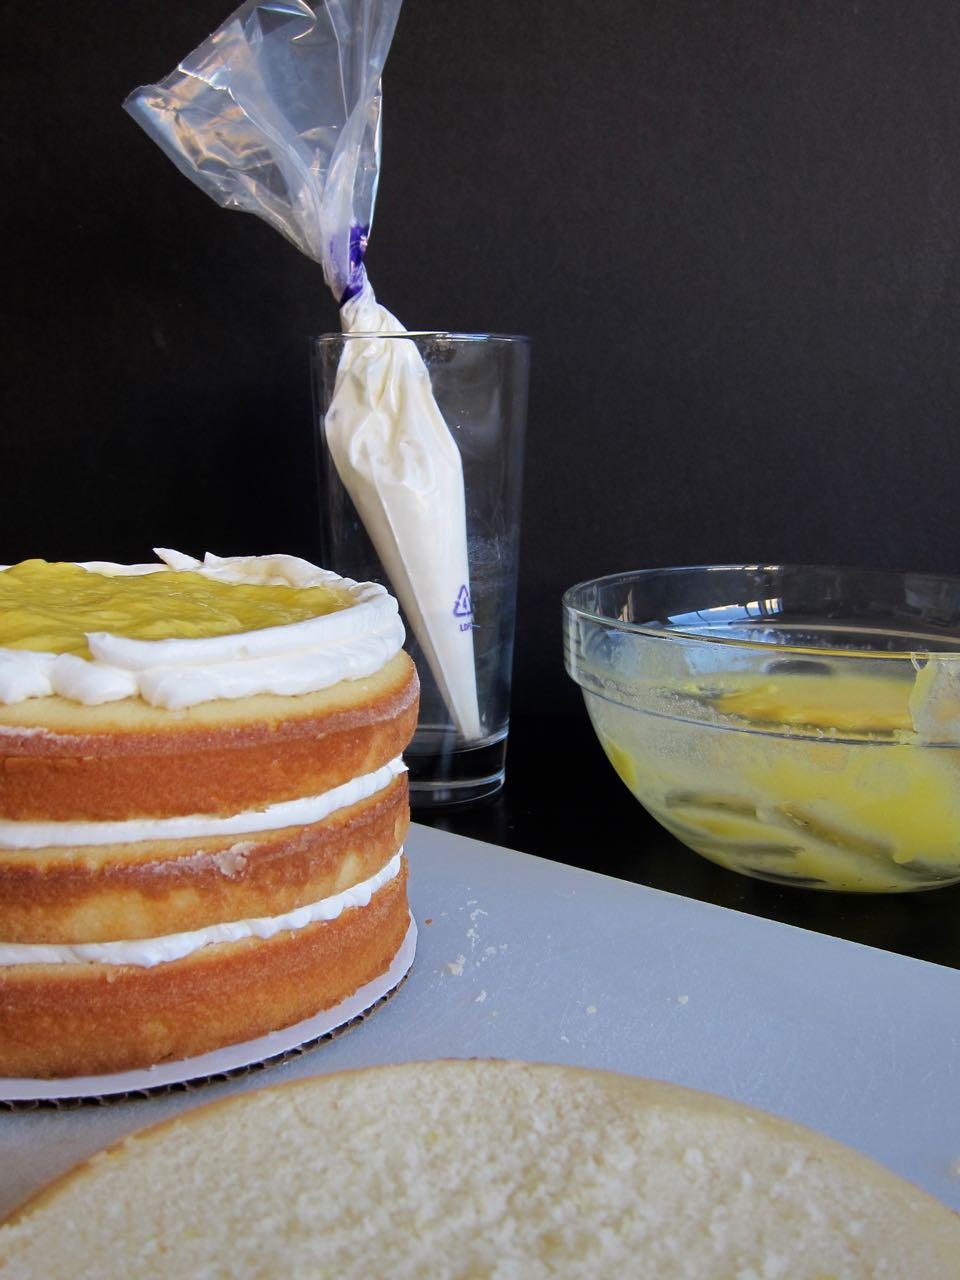 stacking lemon cake